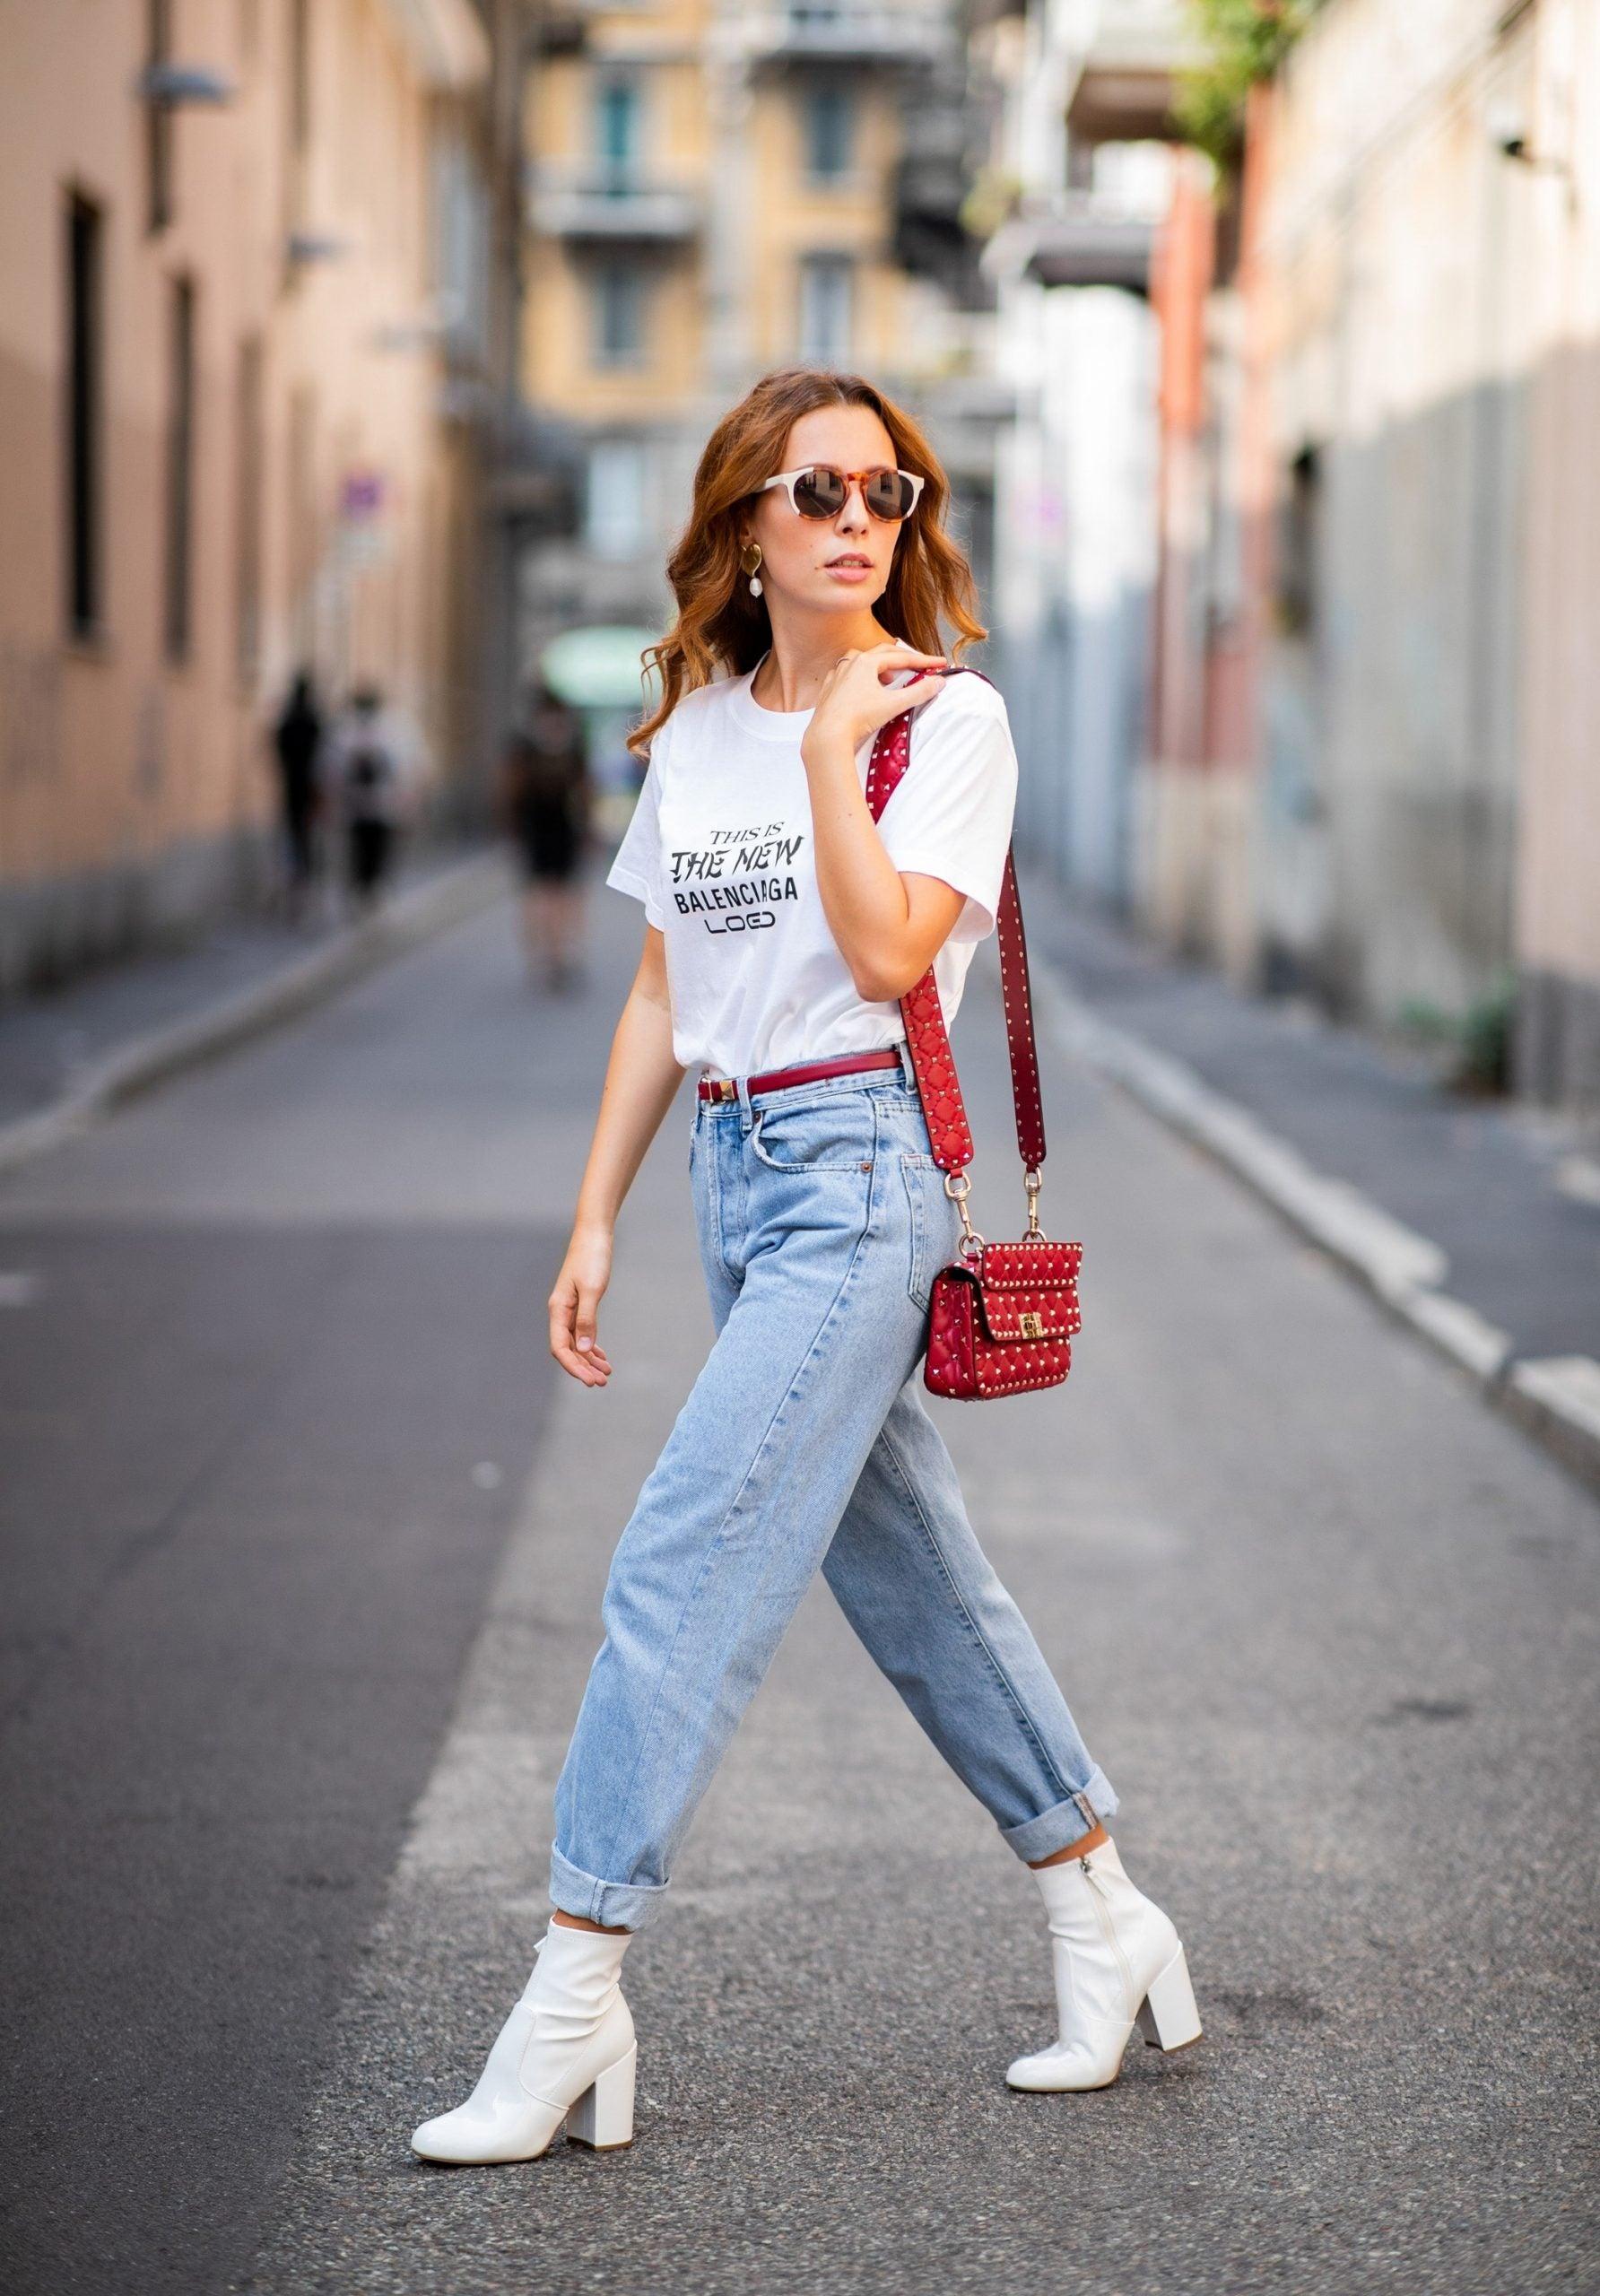 Si eres chaparrita, este es el estilo de jeans que debes procurar usar.